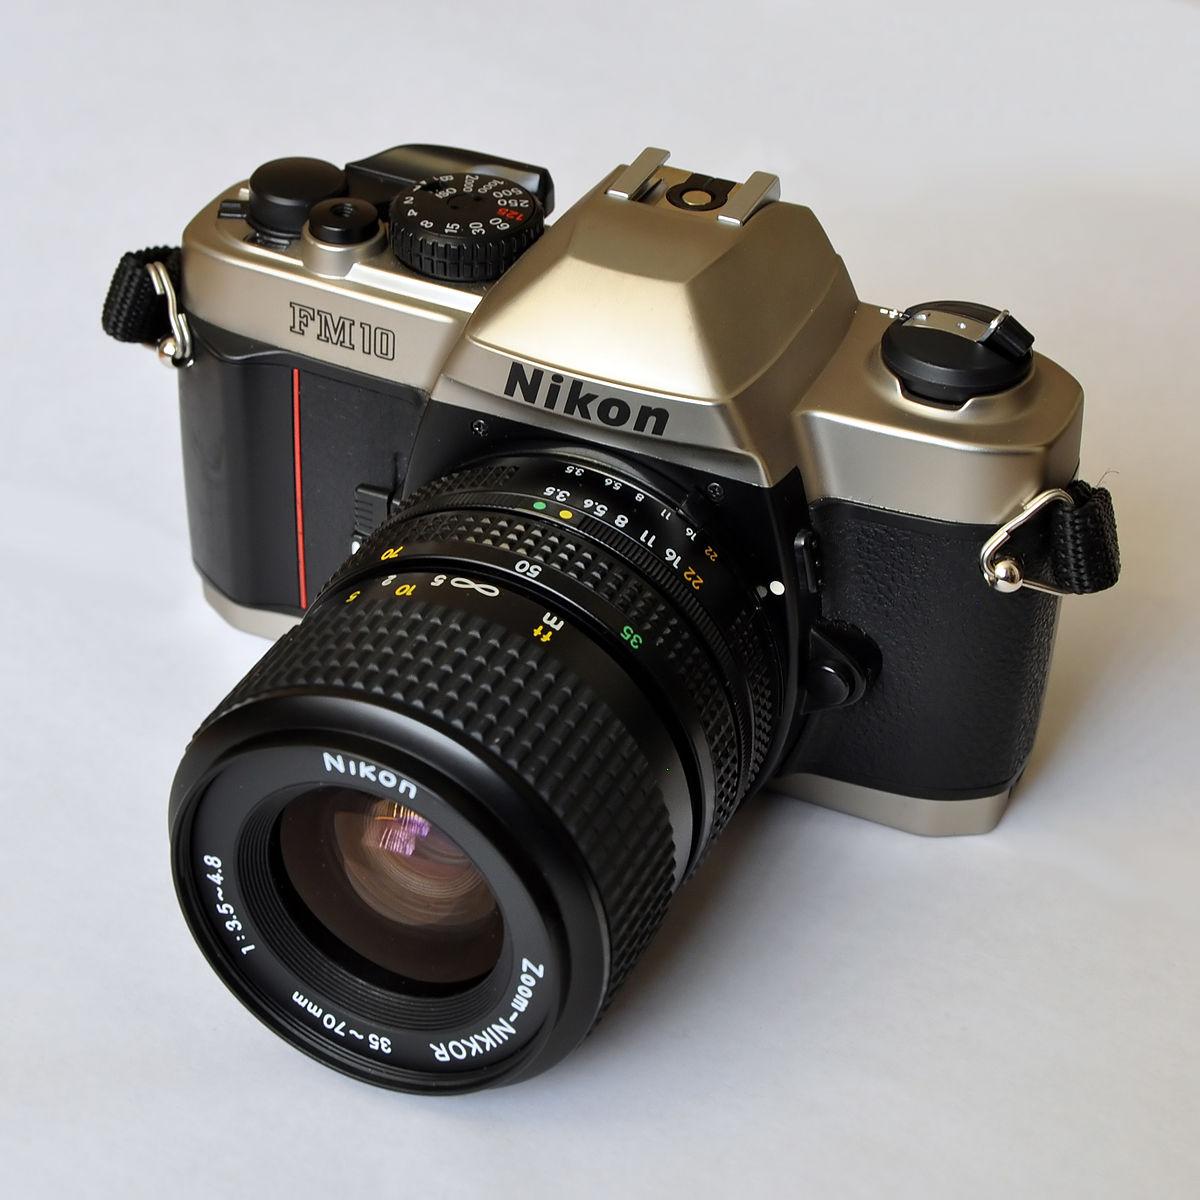 appareil photos nikon reflex